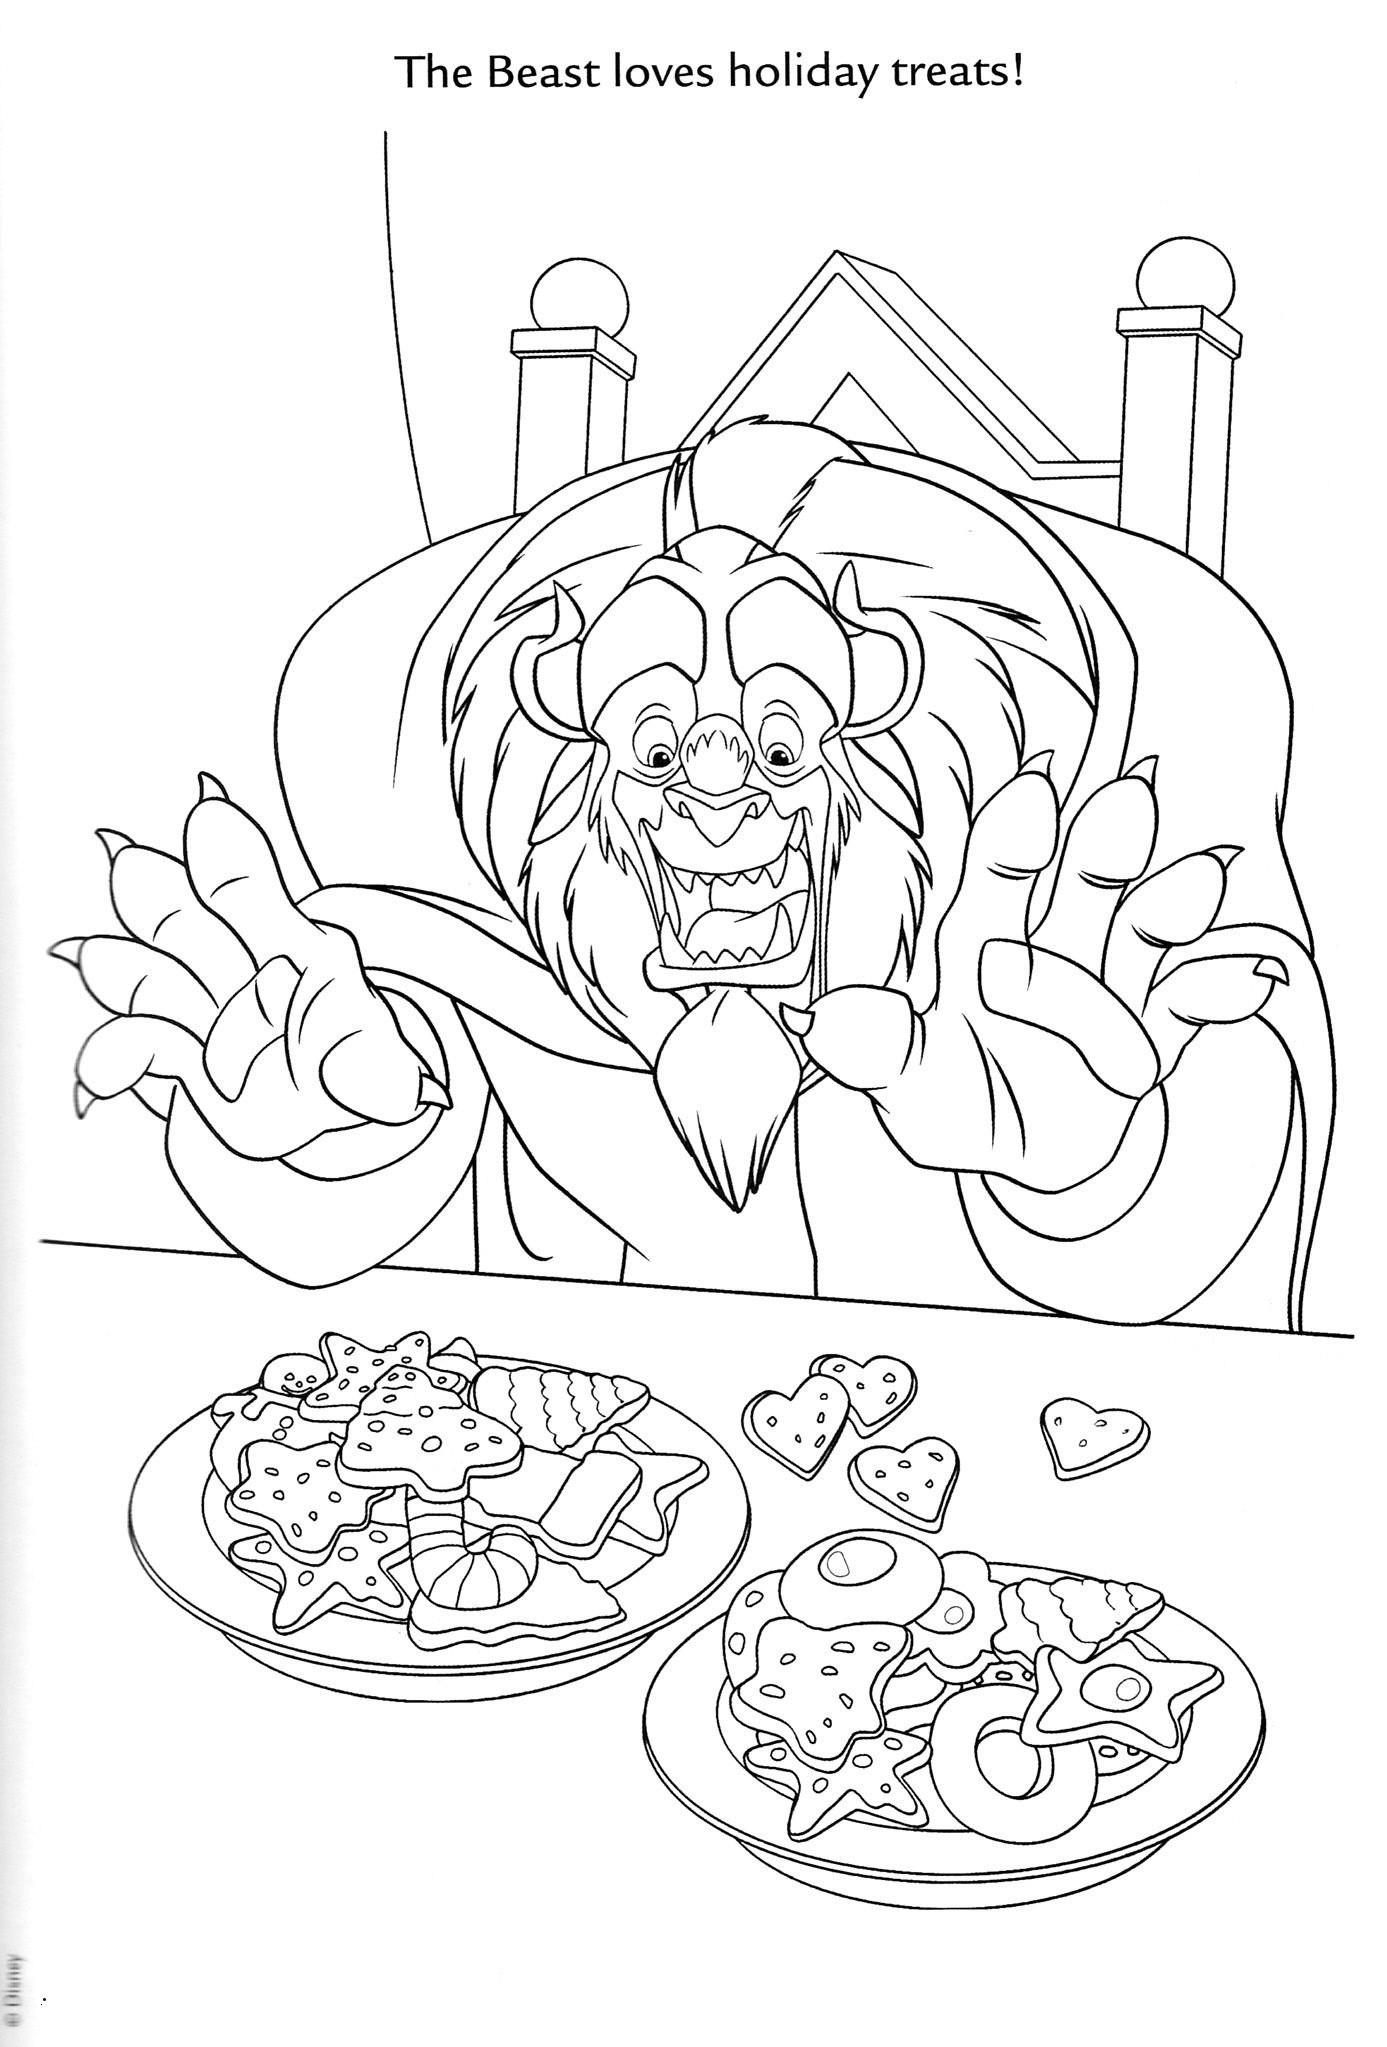 Malvorlagen Prinzessin Lillifee Genial Mandalas Ausmalbilder Frisch Mandala Coloring Worksheet Mandalas Fotos